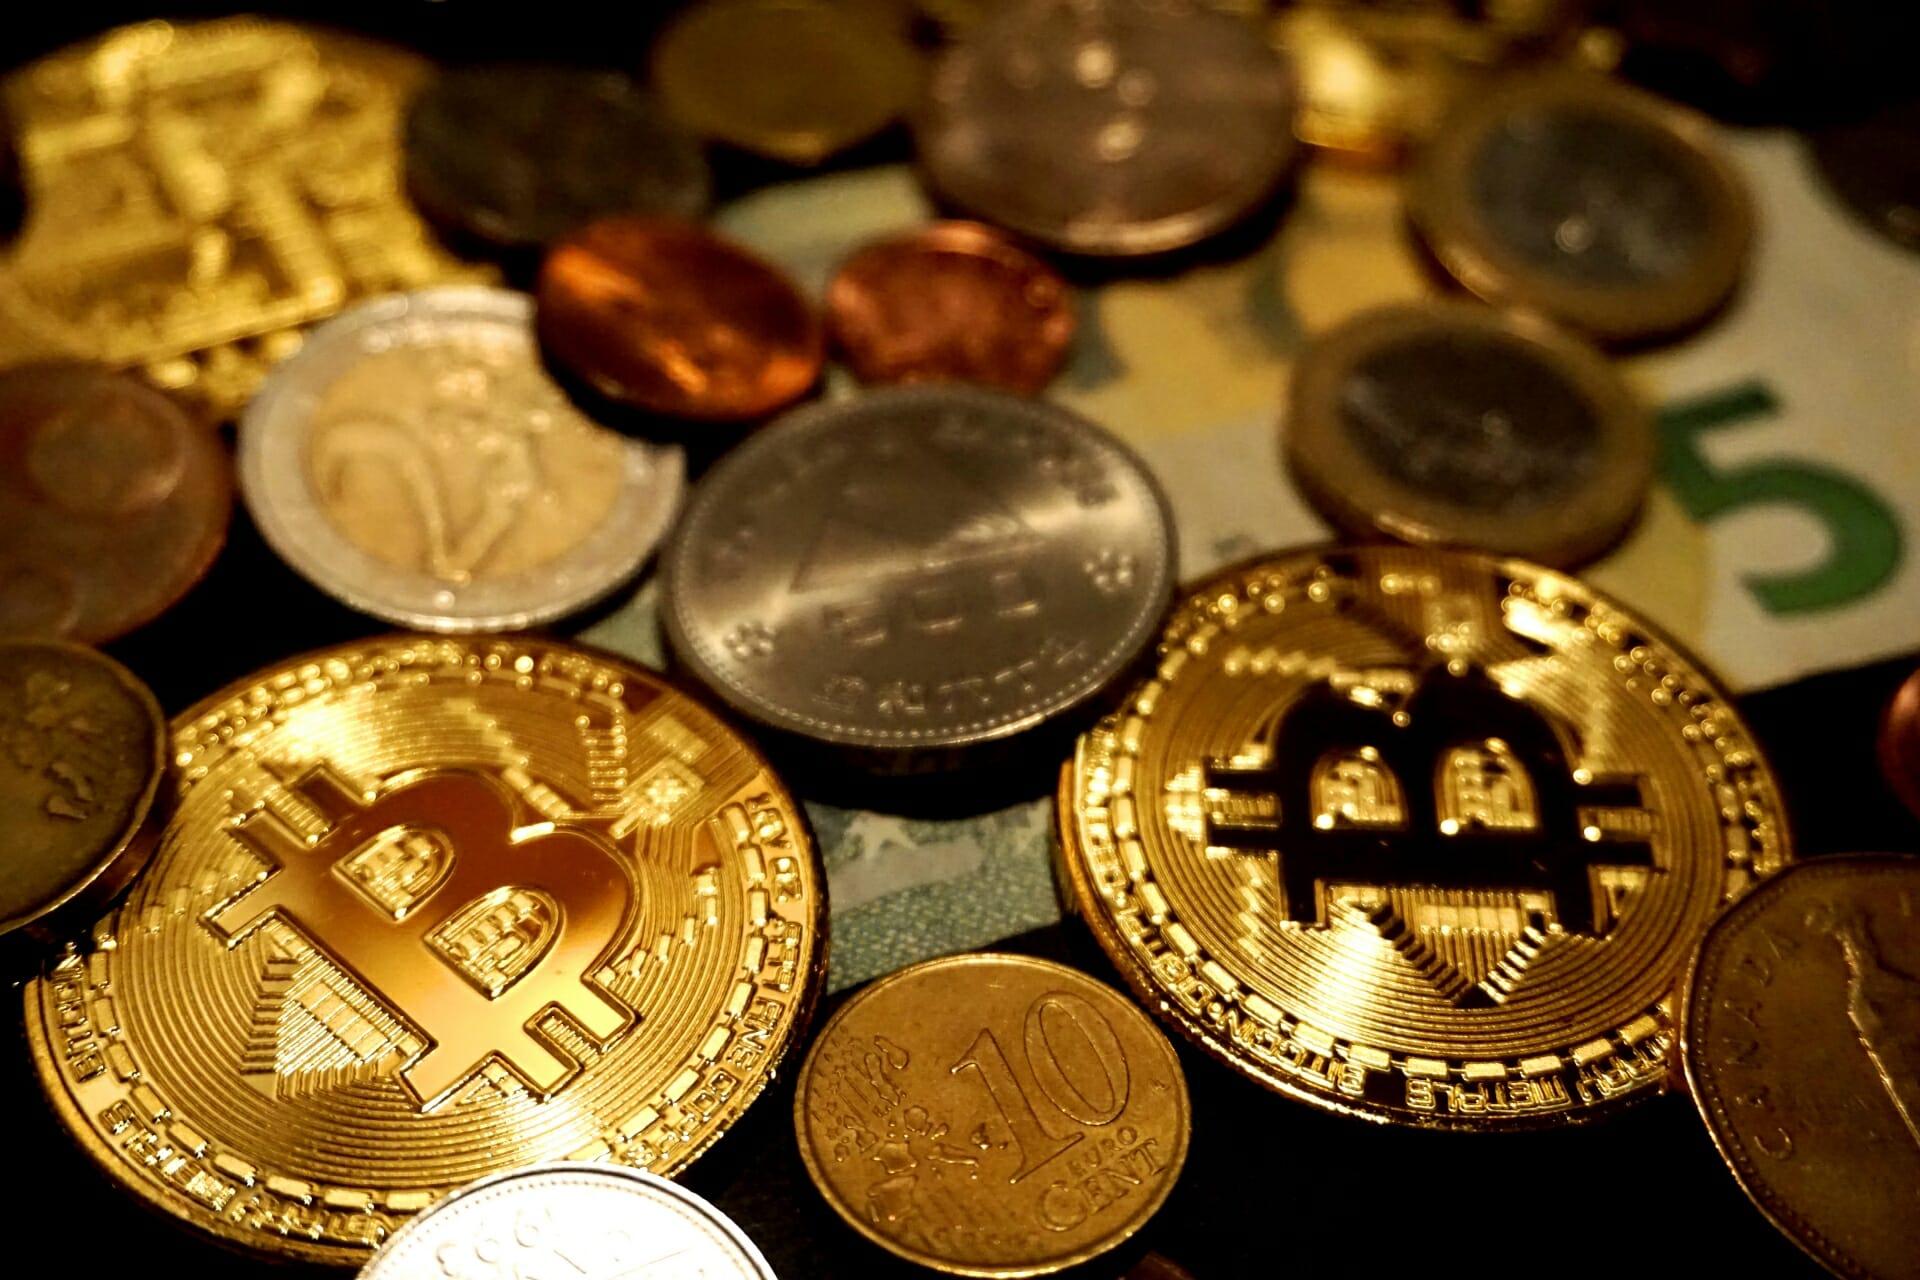 話題の仮想通貨と為替との関係は?!